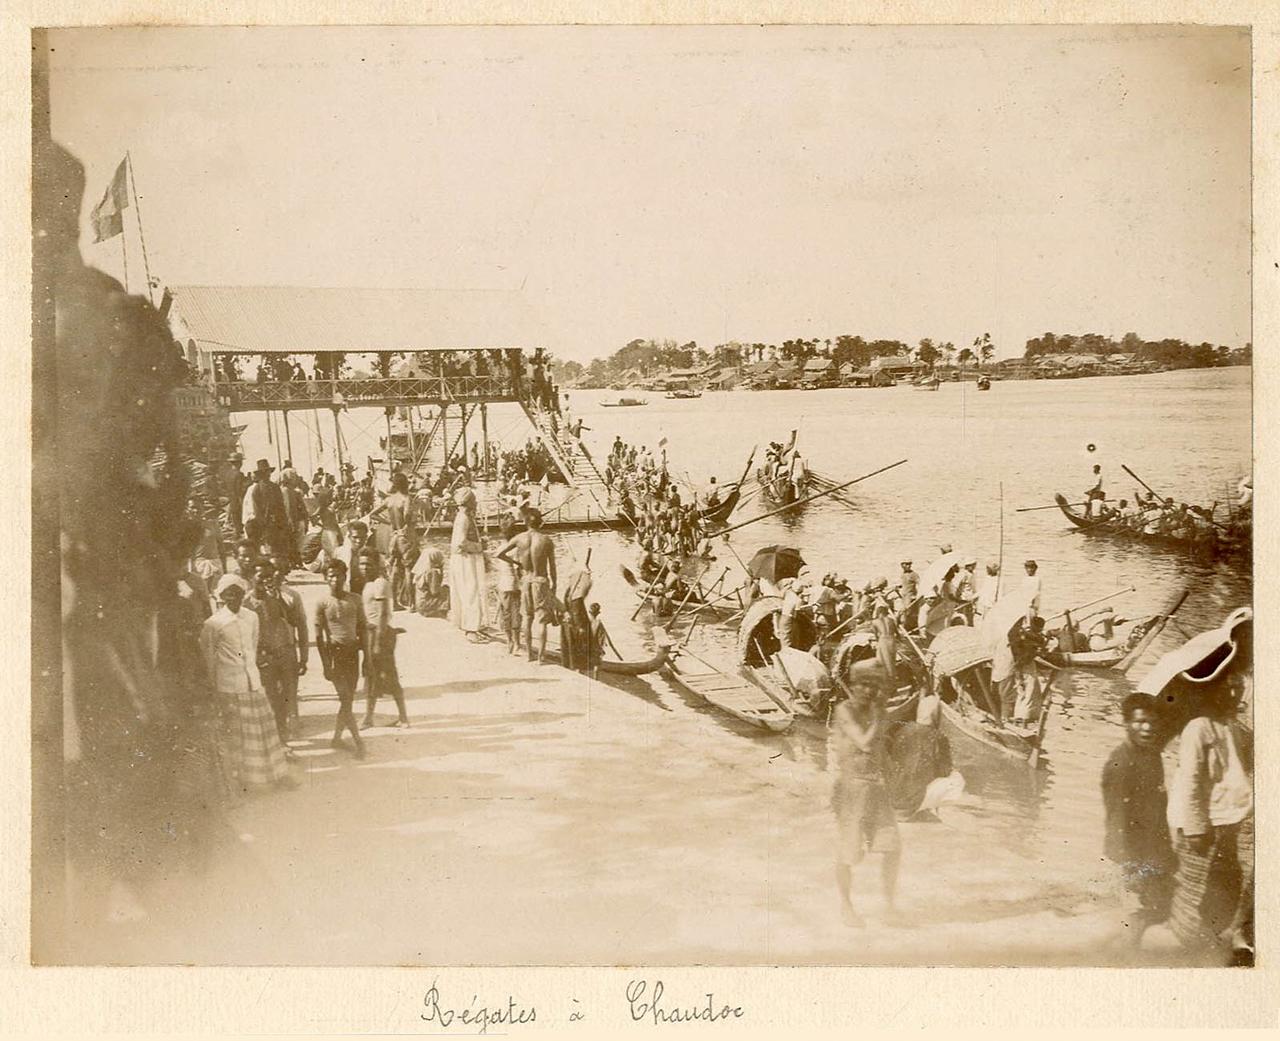 Đua thuyền ở Châu Đốc khoảng năm 1895